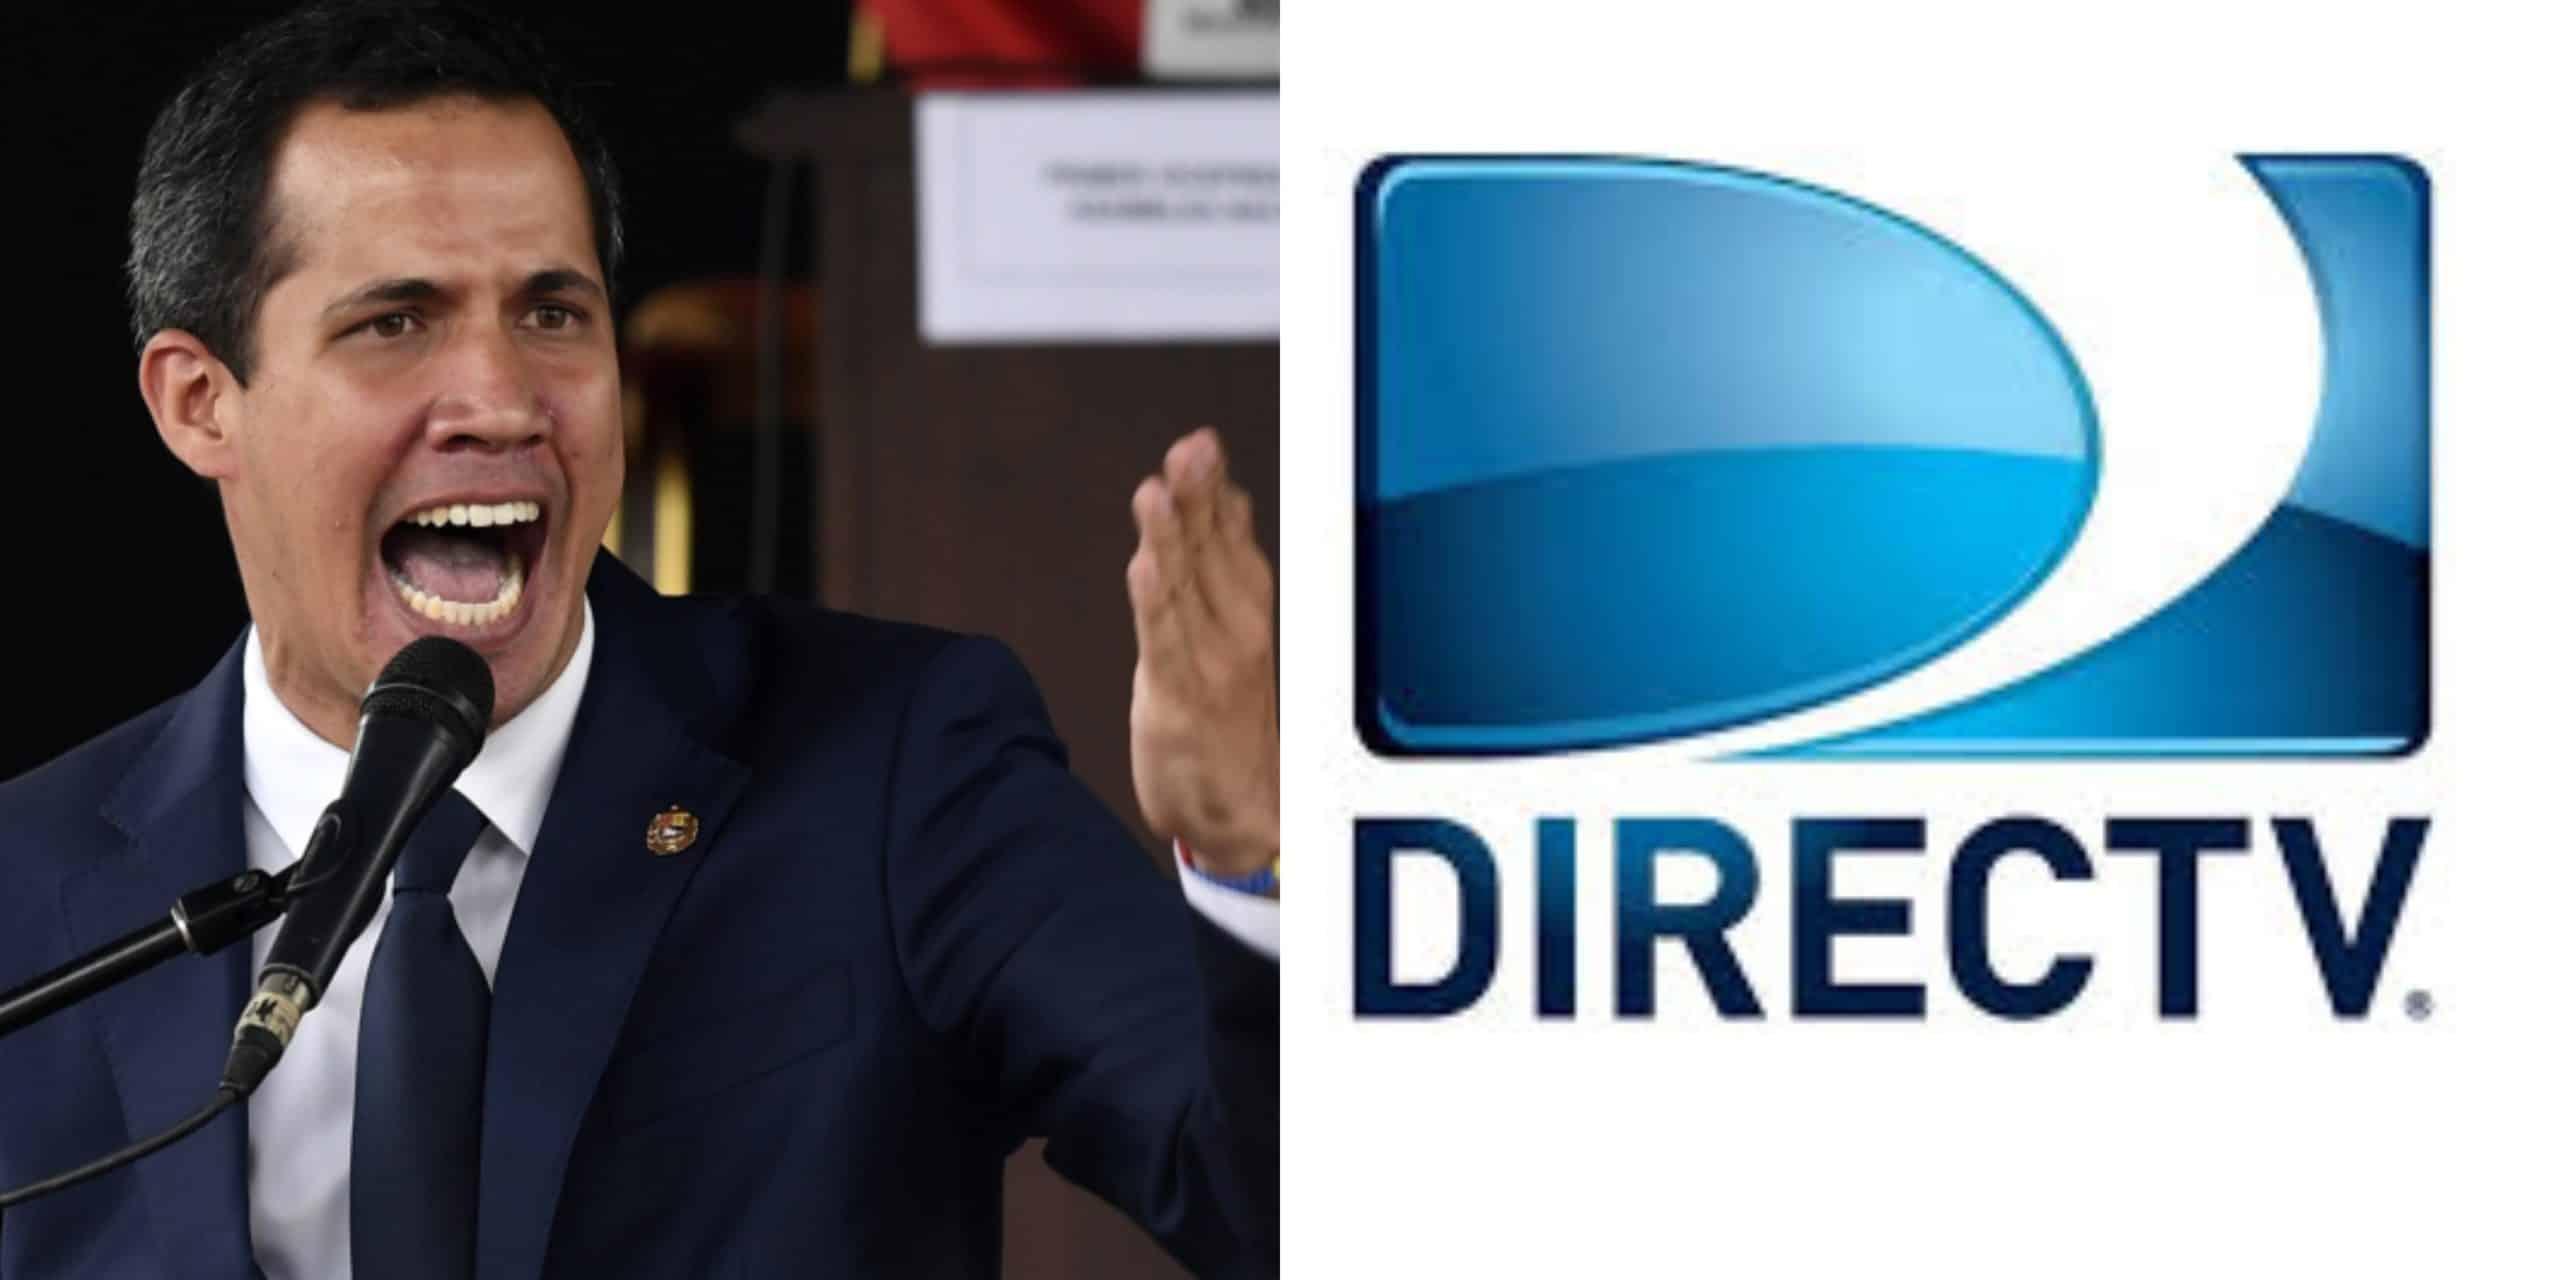 """Guaidó: """"Régimen roba equipos de Directv y amenaza a sus trabajadores"""" - mayo 22, 2020 7:13 pm - NOTIGUARO - Nacionales"""